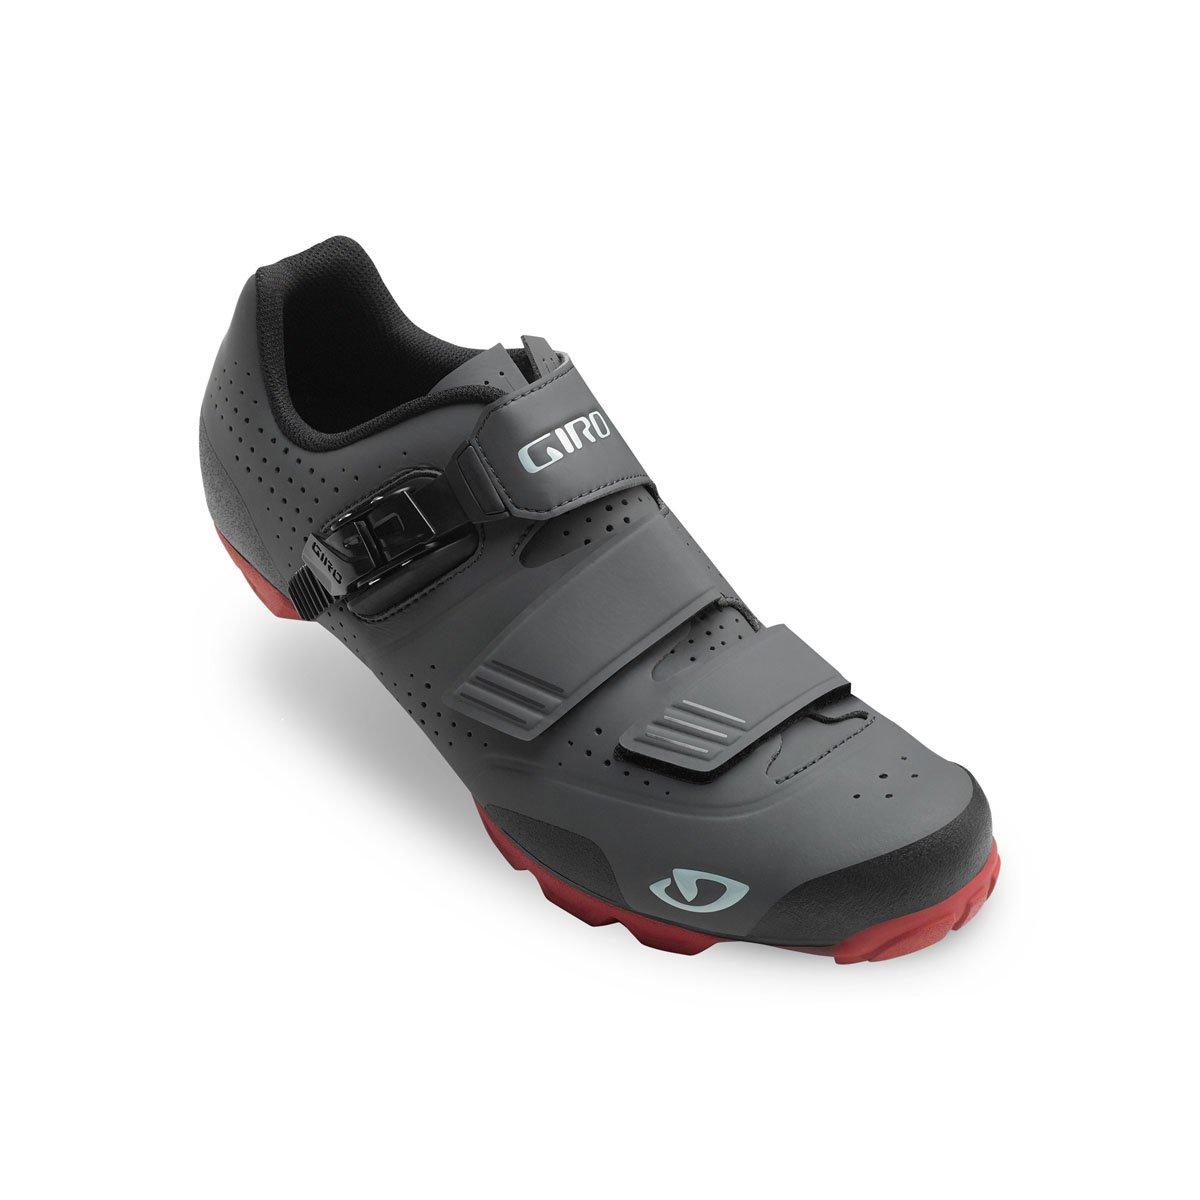 Giro Herren Privateer R MTB Mountainbike Schuhe, Schwarz Gum